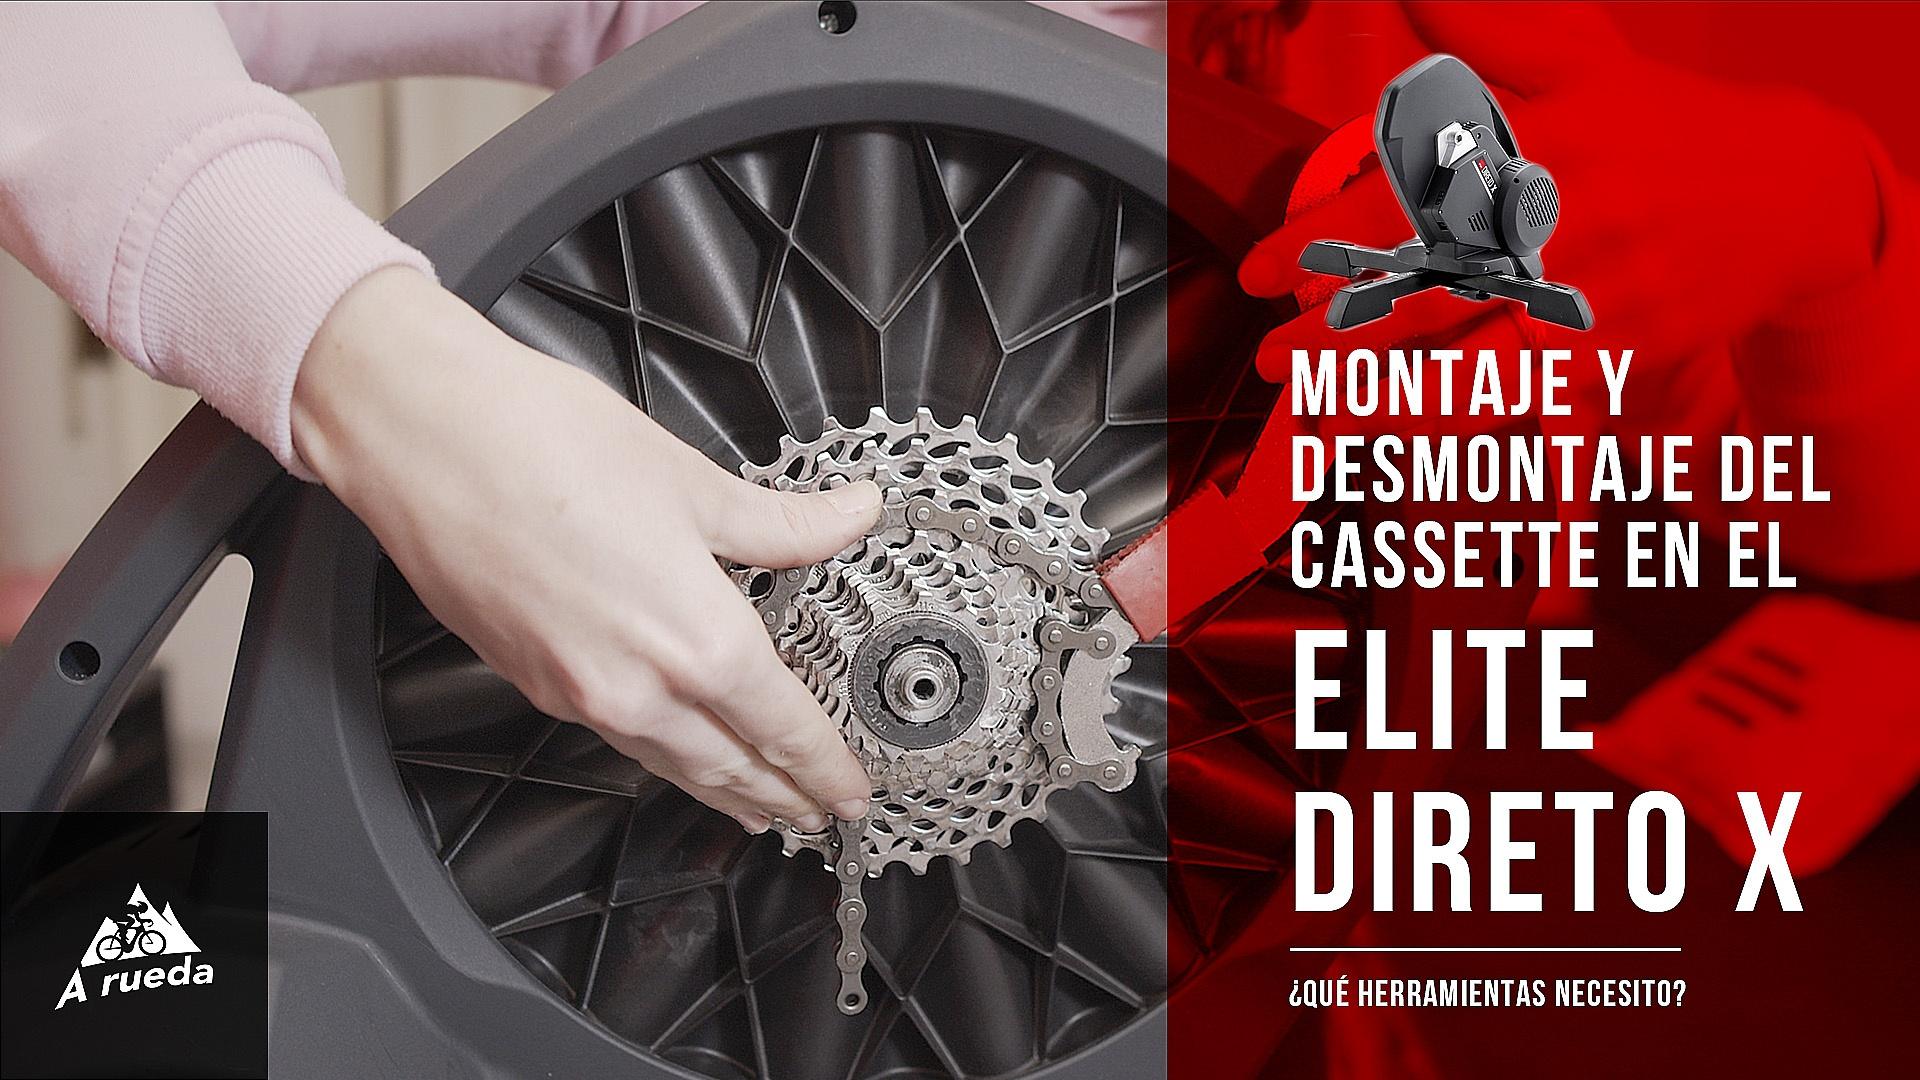 elite direto x, cassette, ciclismo, cassette elite direto x